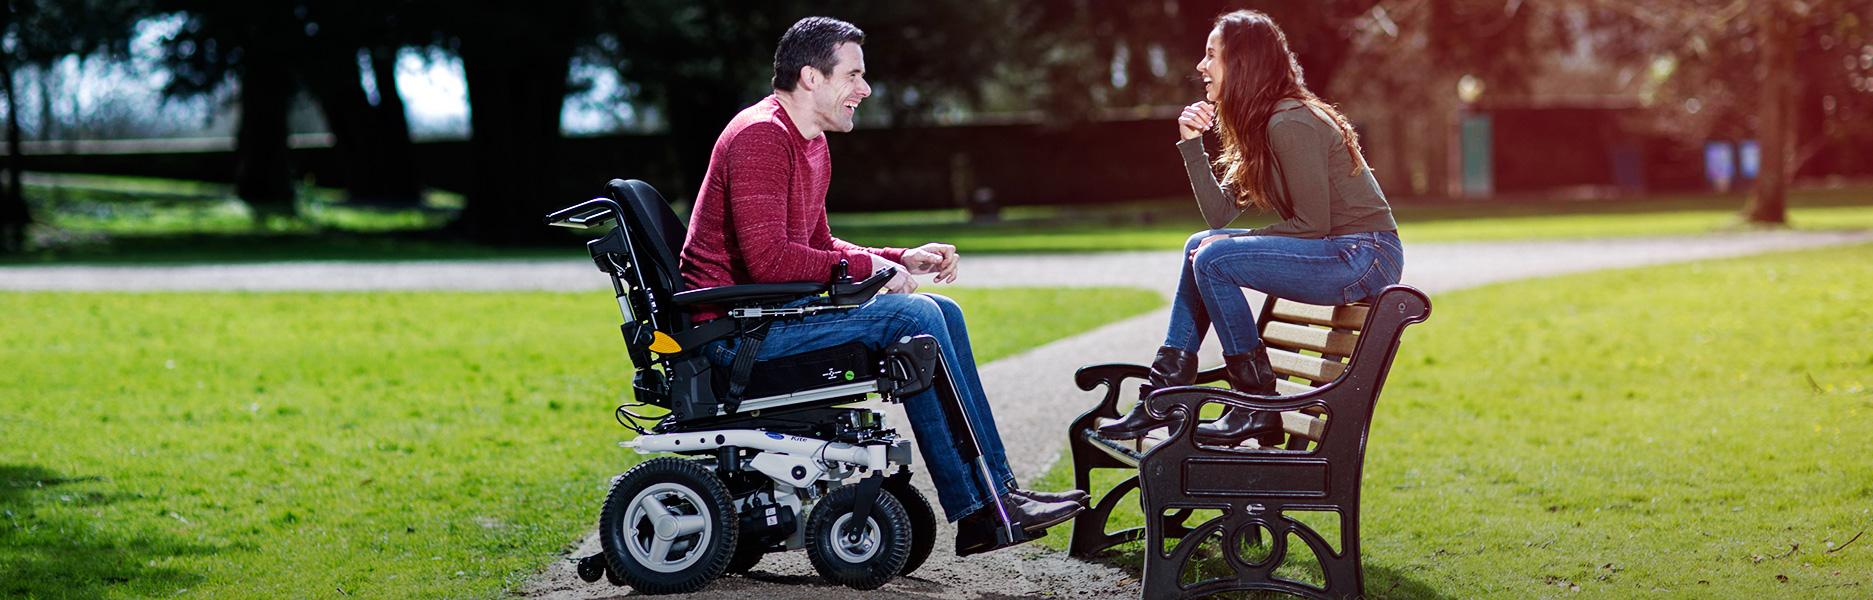 Mann im Elektrorollstuhl unterhält sich mit Frau auf Parkbank